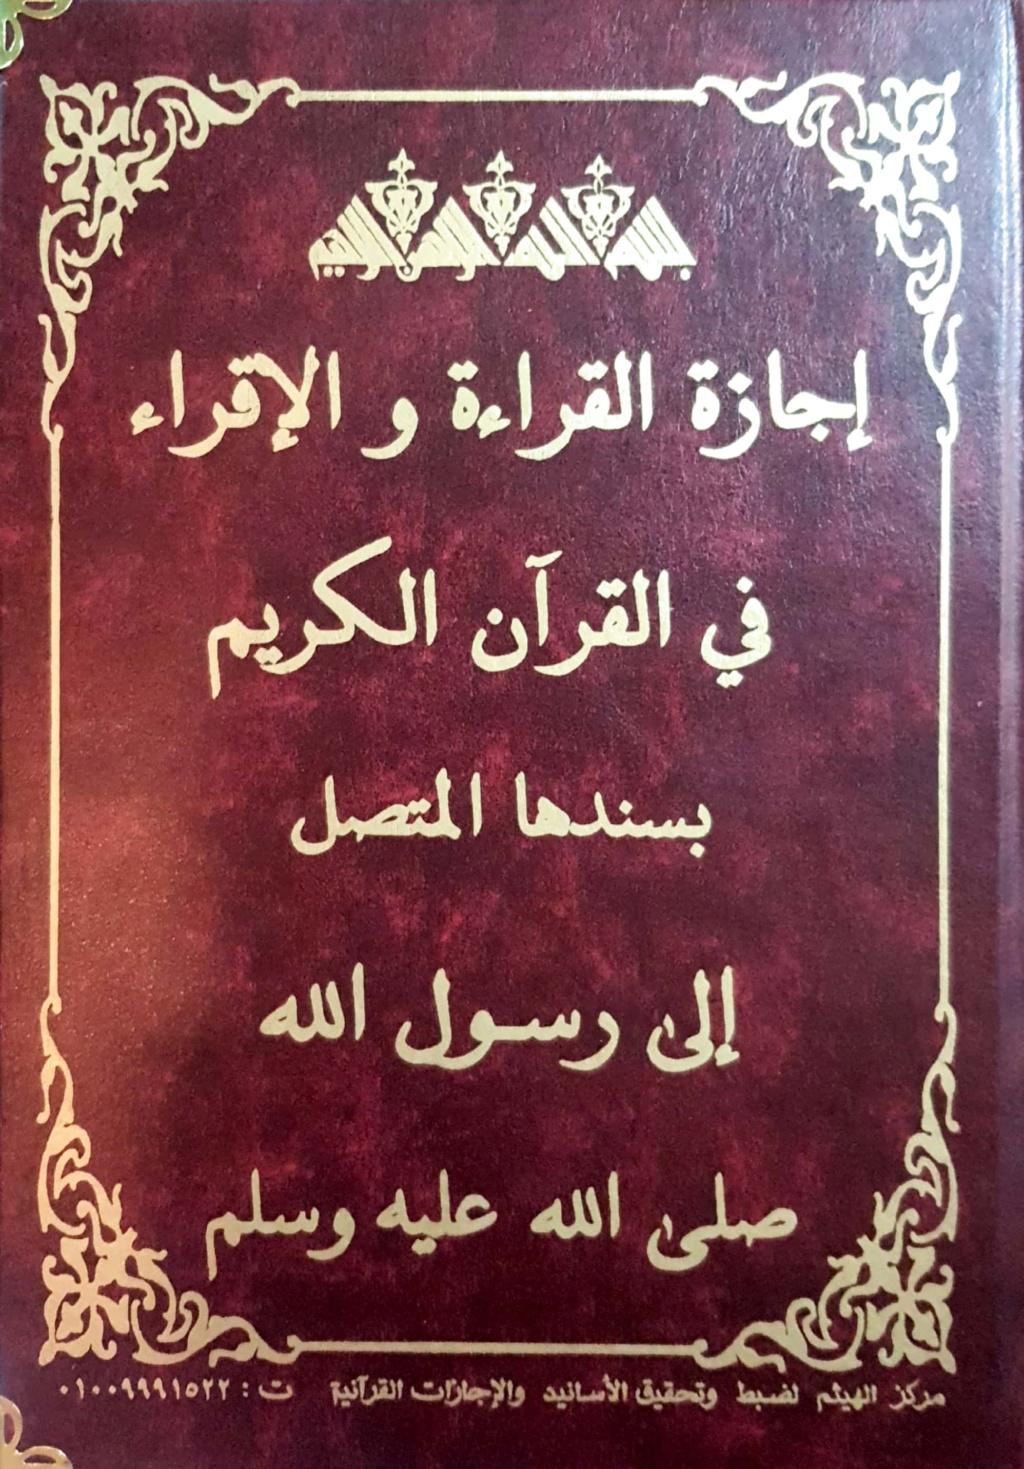 إجازة الشيخ أحمد محمد لبن بقراءة الإمام عاصم  Aeo_aa10